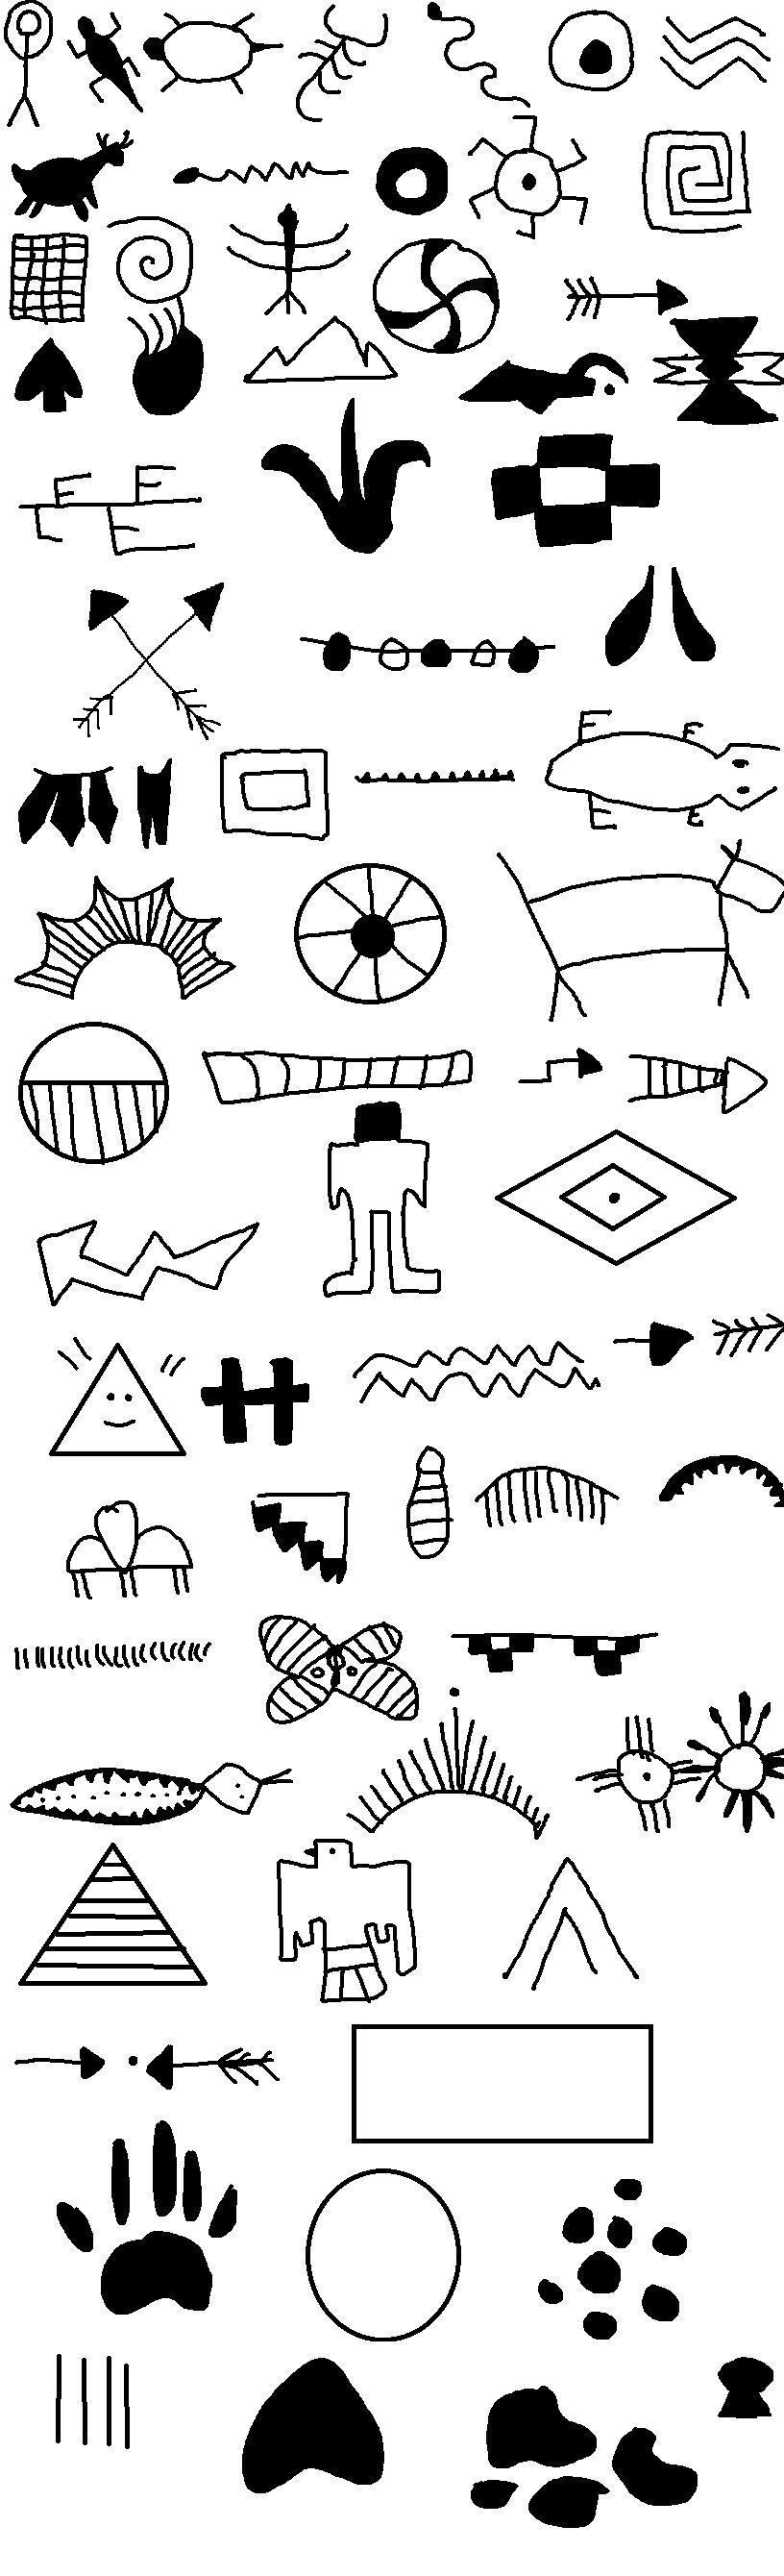 native american symbols by narutard277 on deviantart. Black Bedroom Furniture Sets. Home Design Ideas